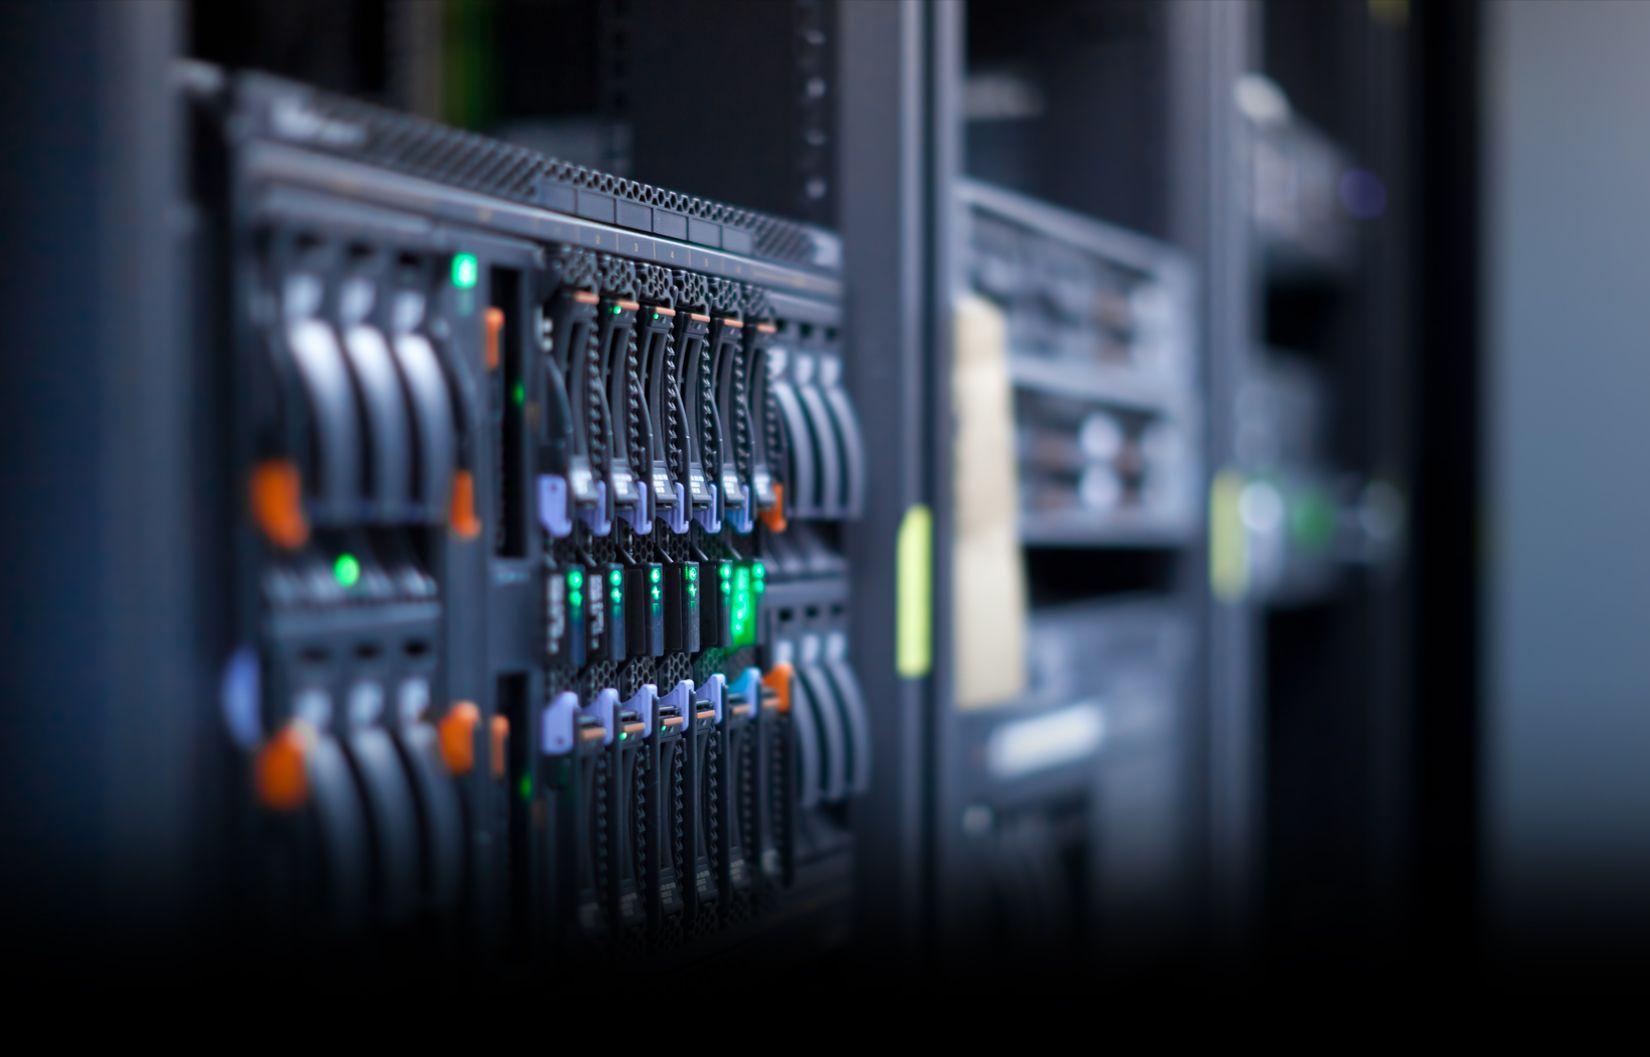 Gazduire Web Ieftina  Oferim servicii profesionale de gazduire web si inregistrare domenii pe servere SSD. Echipamentele    Locatia: București, Municipiul București, România  Website: https://www.web365.ro/gazduire-web-standard/  Telefon: +40727299999